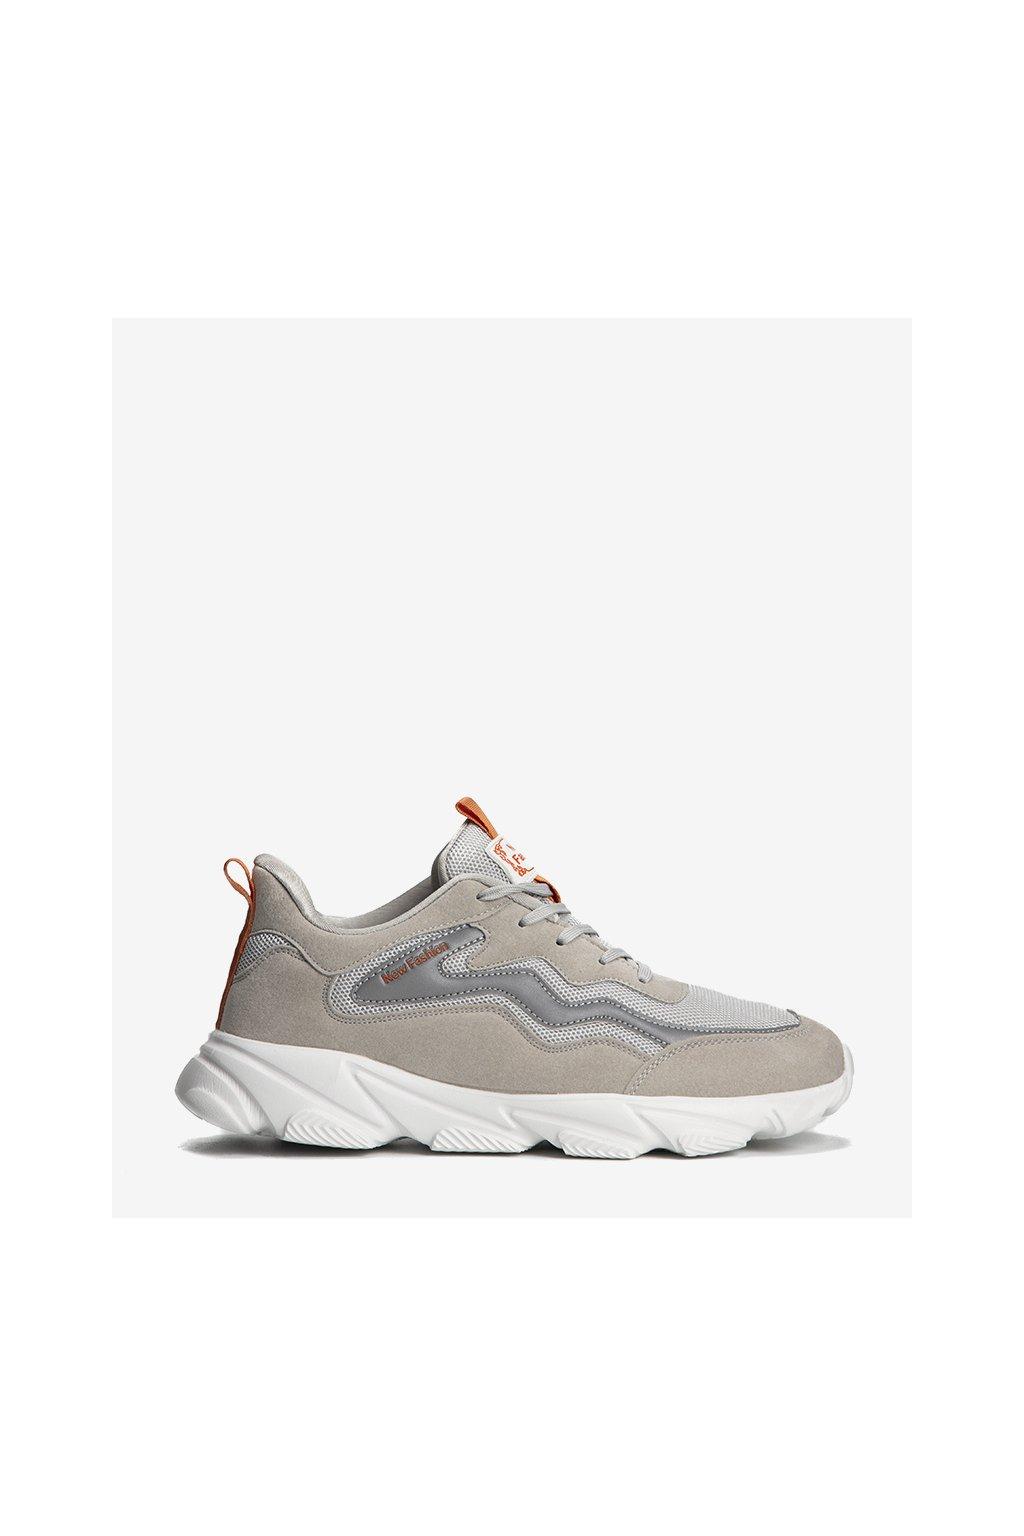 Pánske topánky tenisky sivé kód K9880-4B - GM